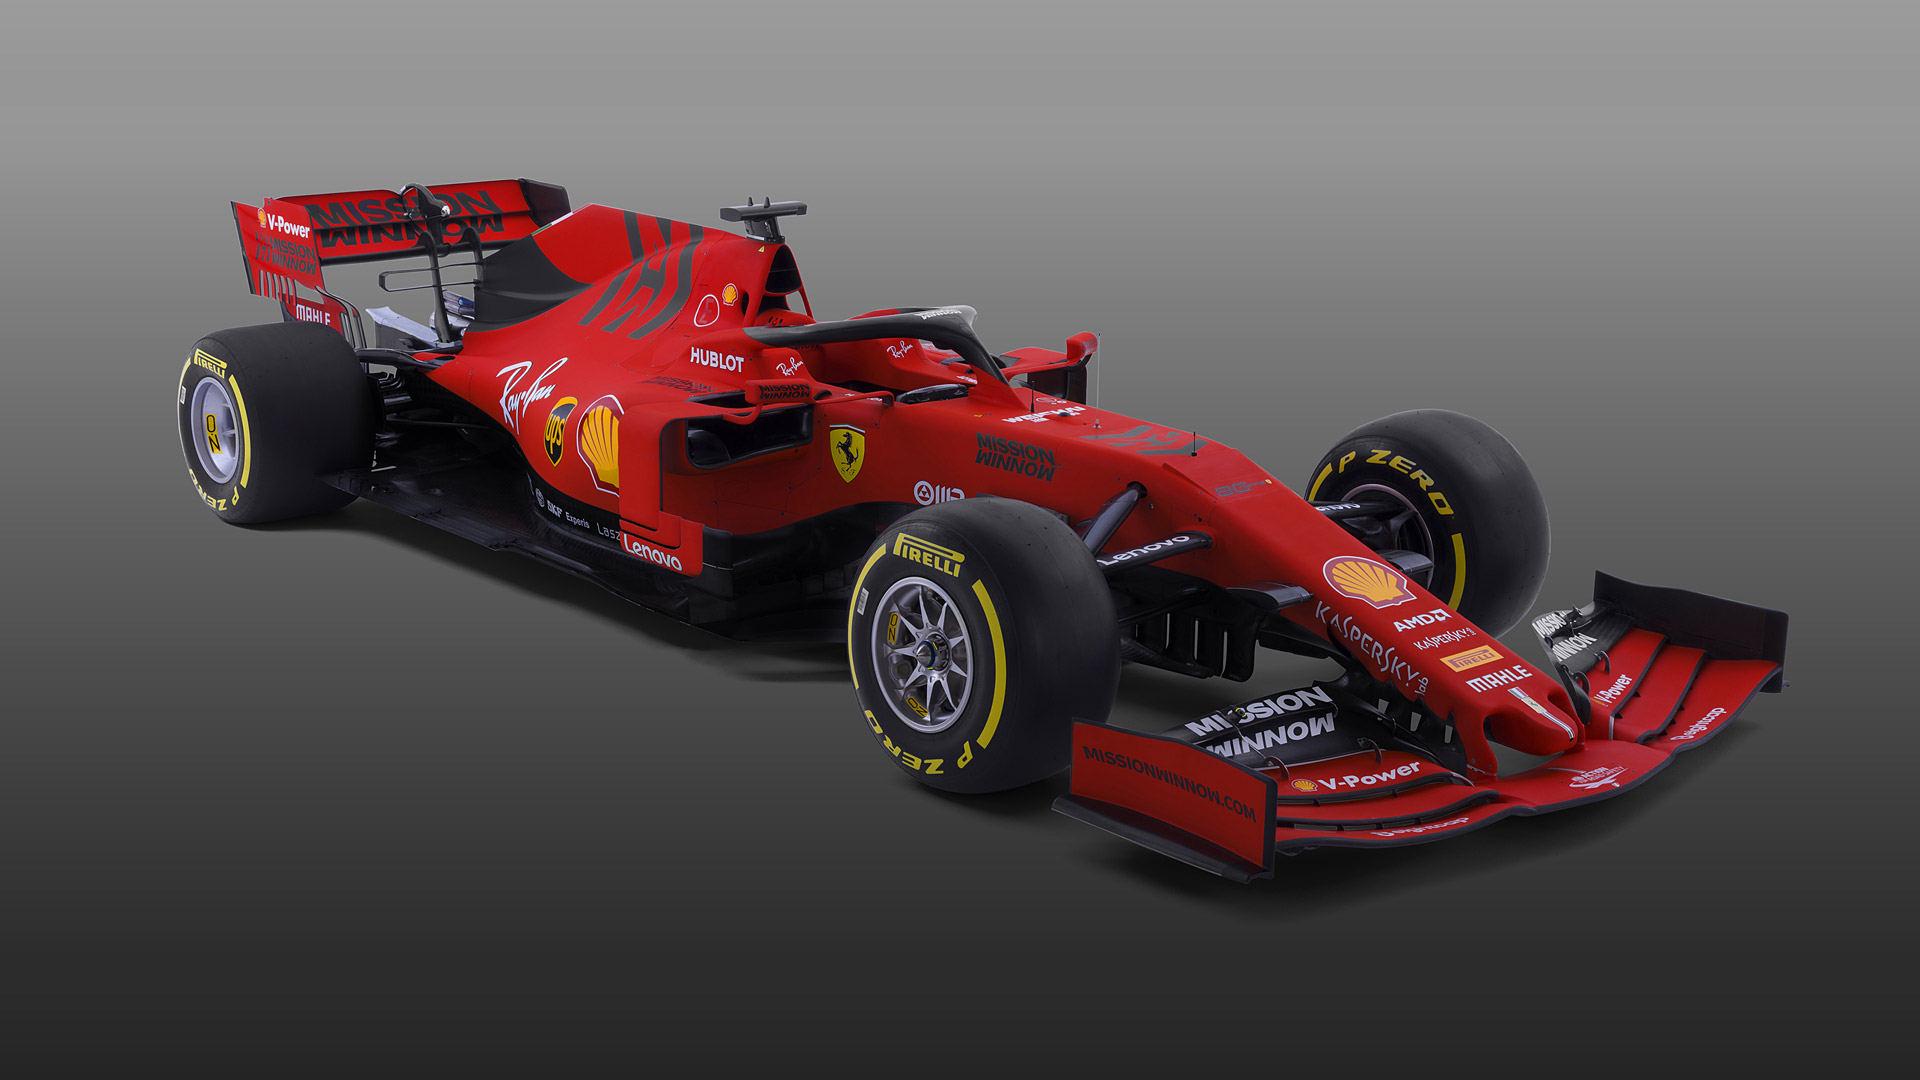 2019 Ferrari SF90